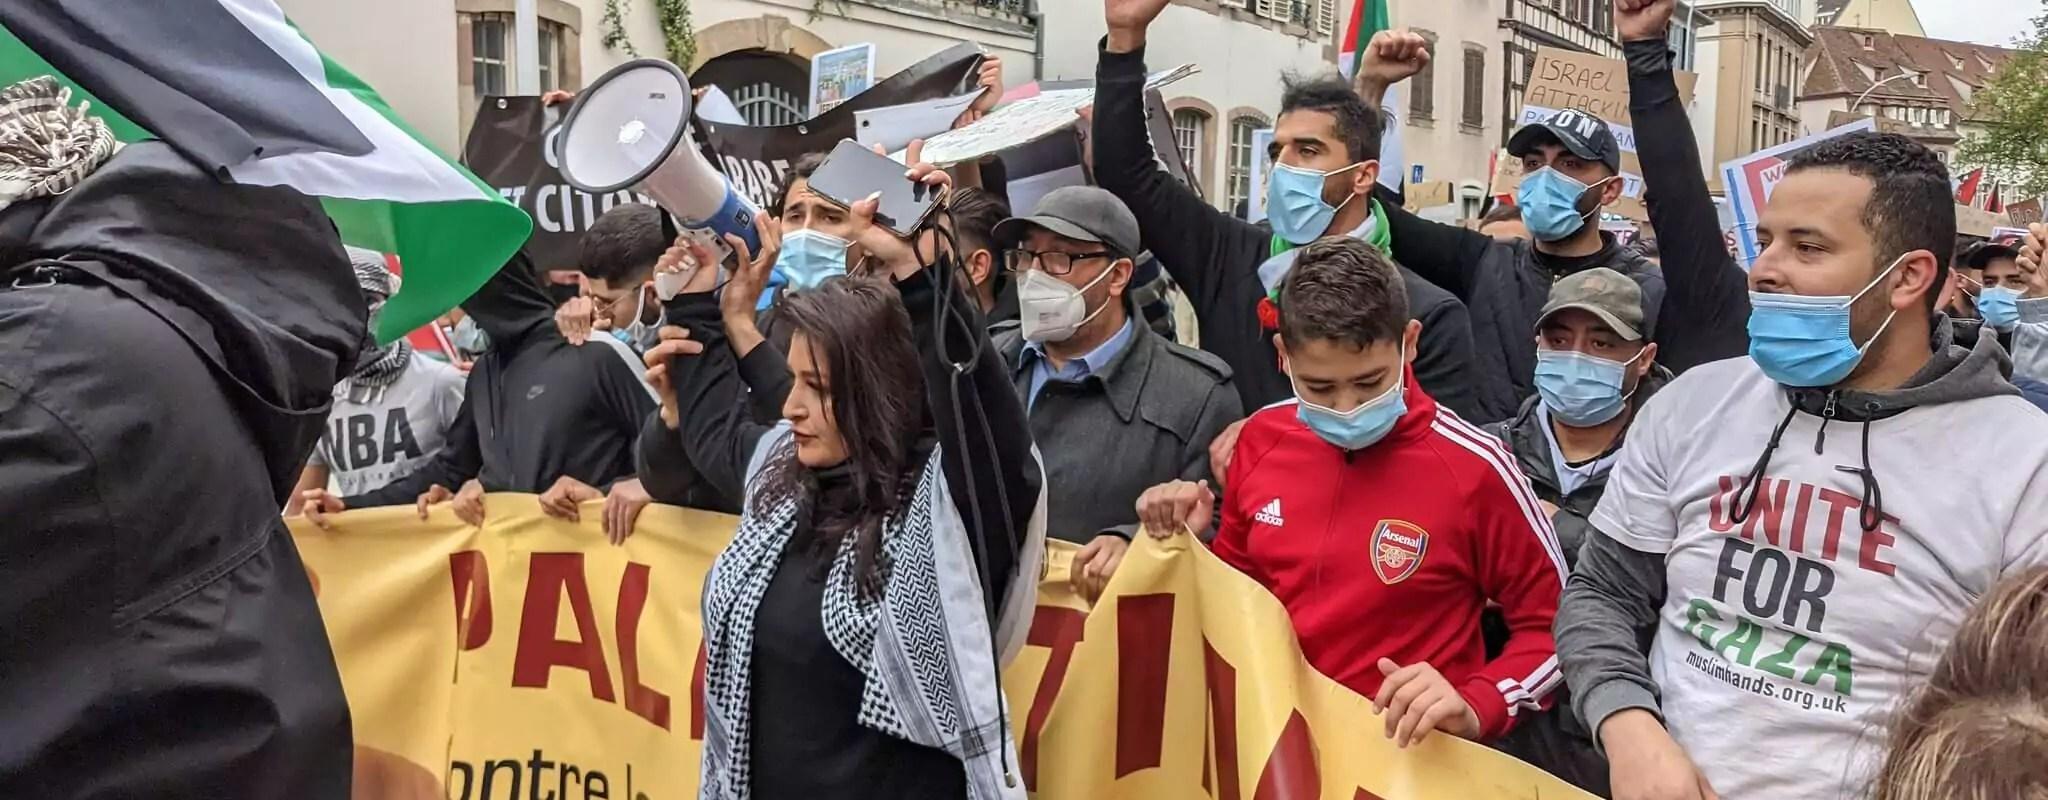 Ruken Caroline Bulut : derrière la meneuse de manifestation, une vie de luttes